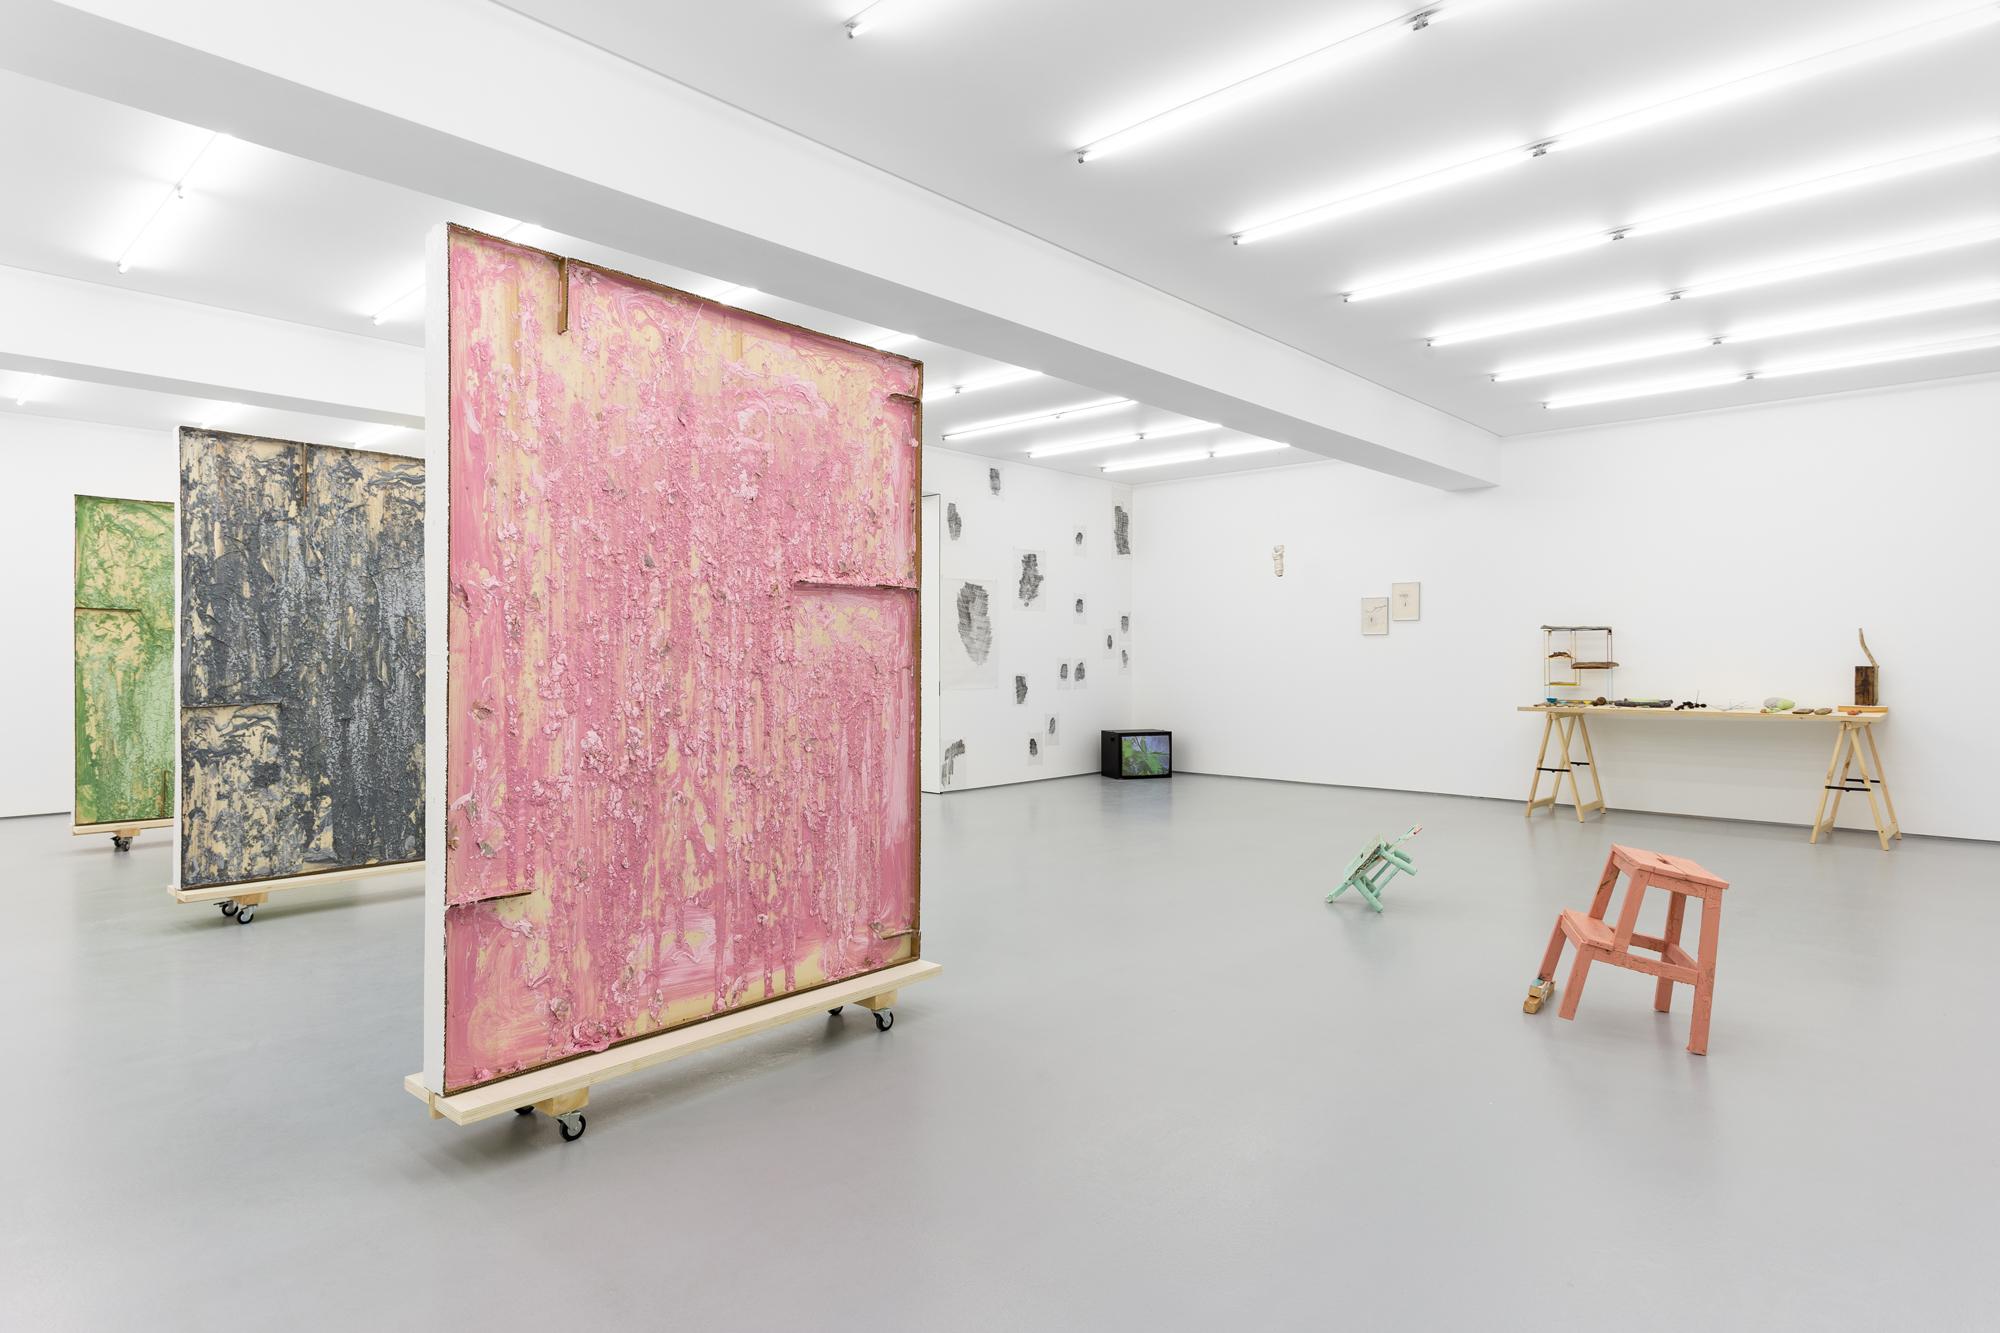 Exhibition view: Casa, Carlos Bunga, Galeria Vera Cortês, 2021